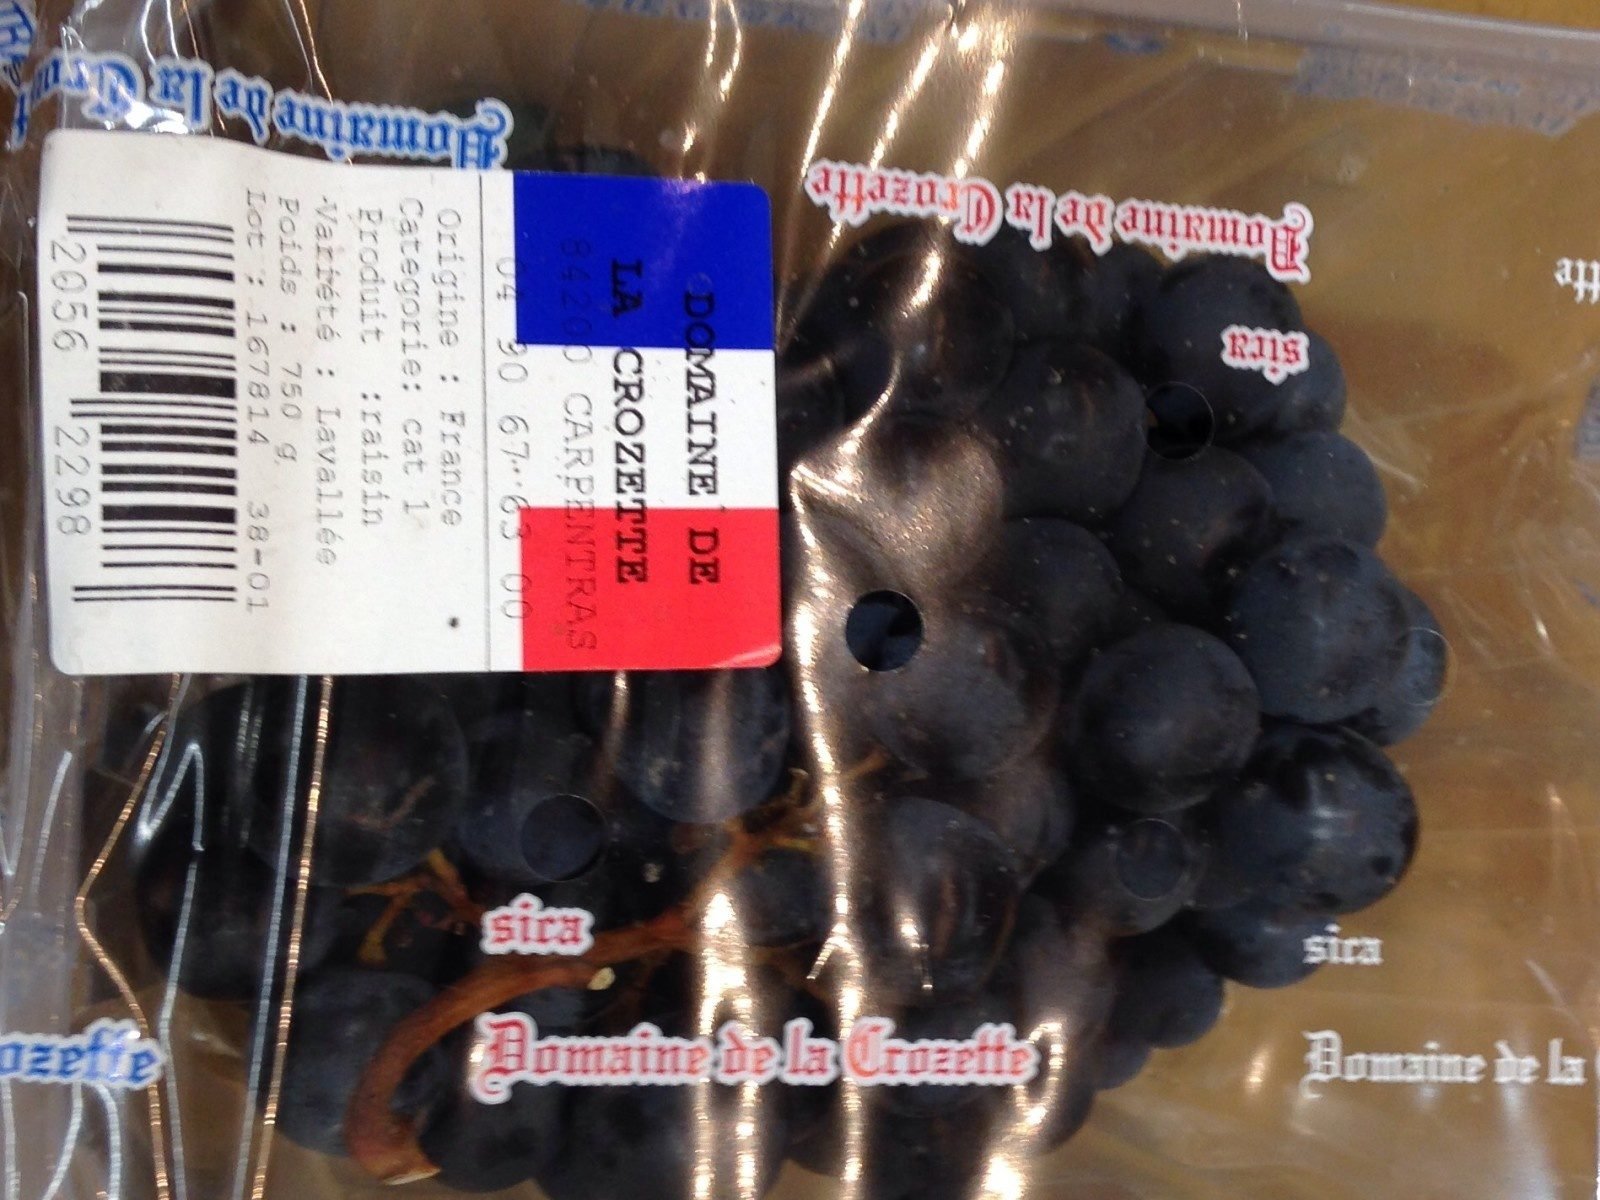 Raisin noire - Product